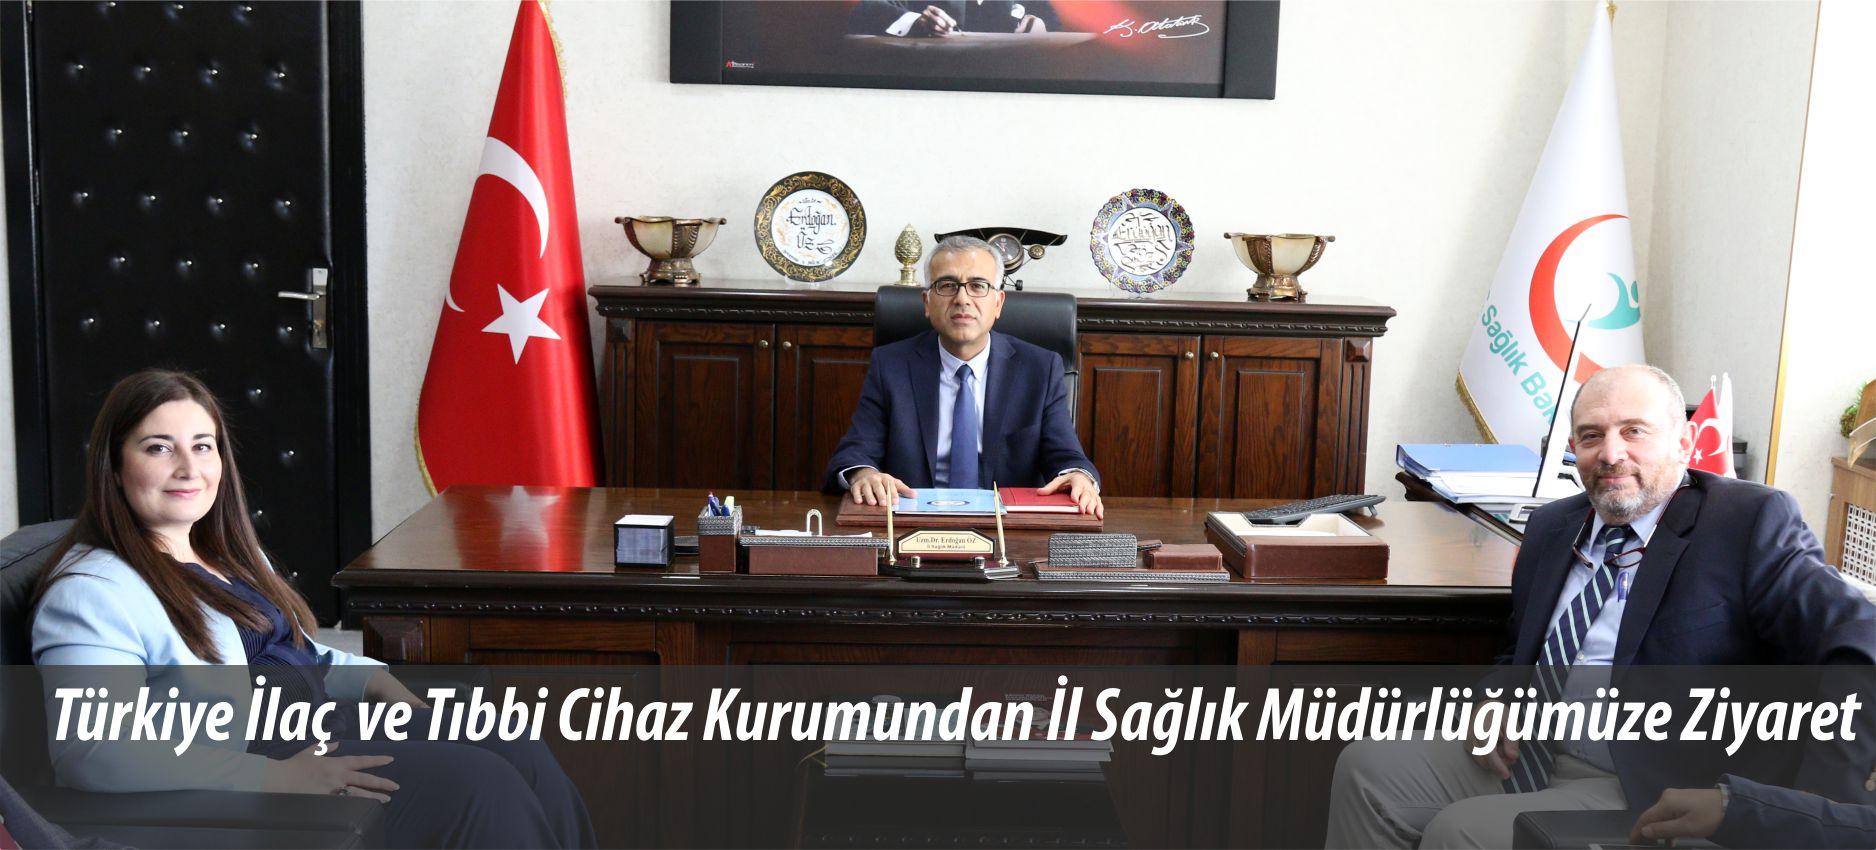 Türkiye İlaç  ve Tıbbi Cihaz Kurumundan İl Sağlık Müdürlüğümüze Ziyaret